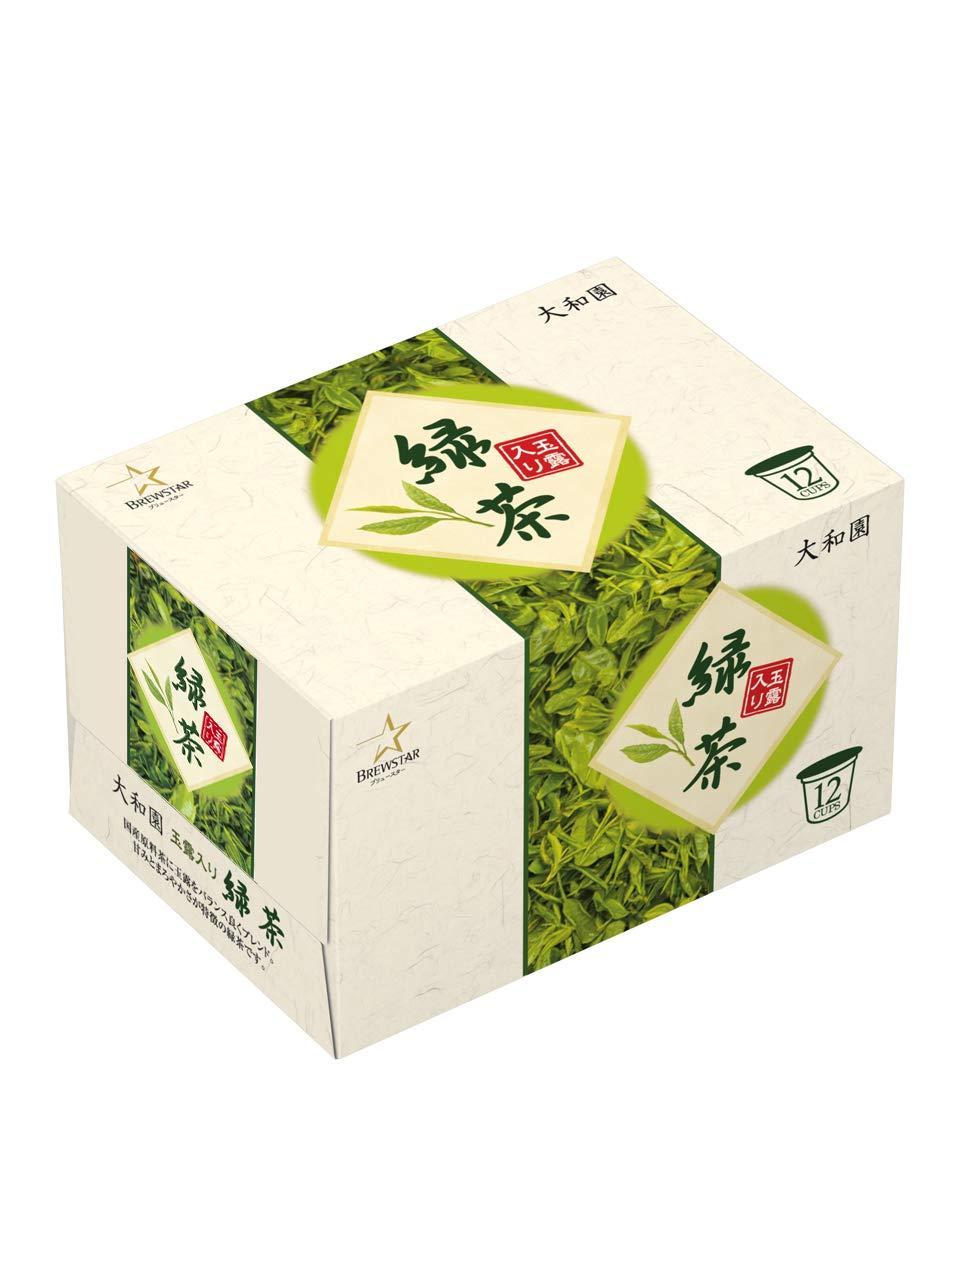 【使い勝手の良い】 Kカップ 大和園 玉露入り緑茶 3g×12個入 キューリグコーヒーマシン専用 B07PLZPMVK 玉露入り緑茶 10箱セット 3g×12個入 120杯分 B07PLZPMVK, イワフネマチ:95a10658 --- svecha37.ru